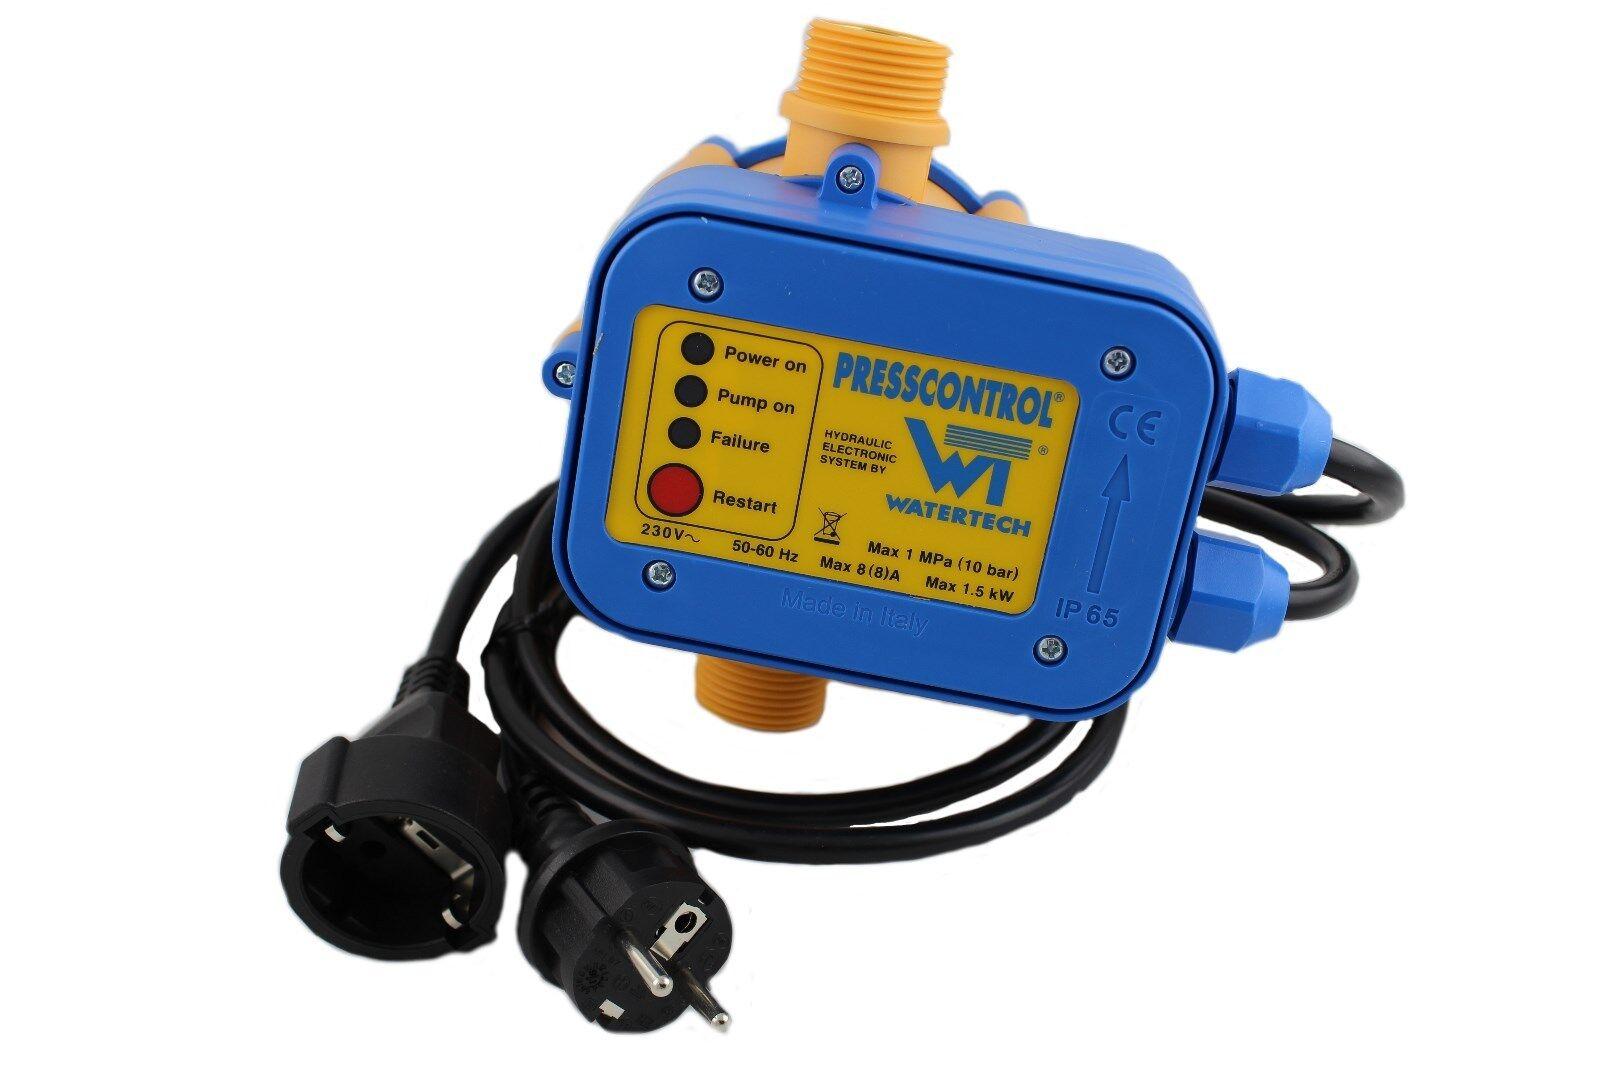 Watertech Control de la Bomba Control de Presión con Cable hasta 1,5KW, 230V 8A